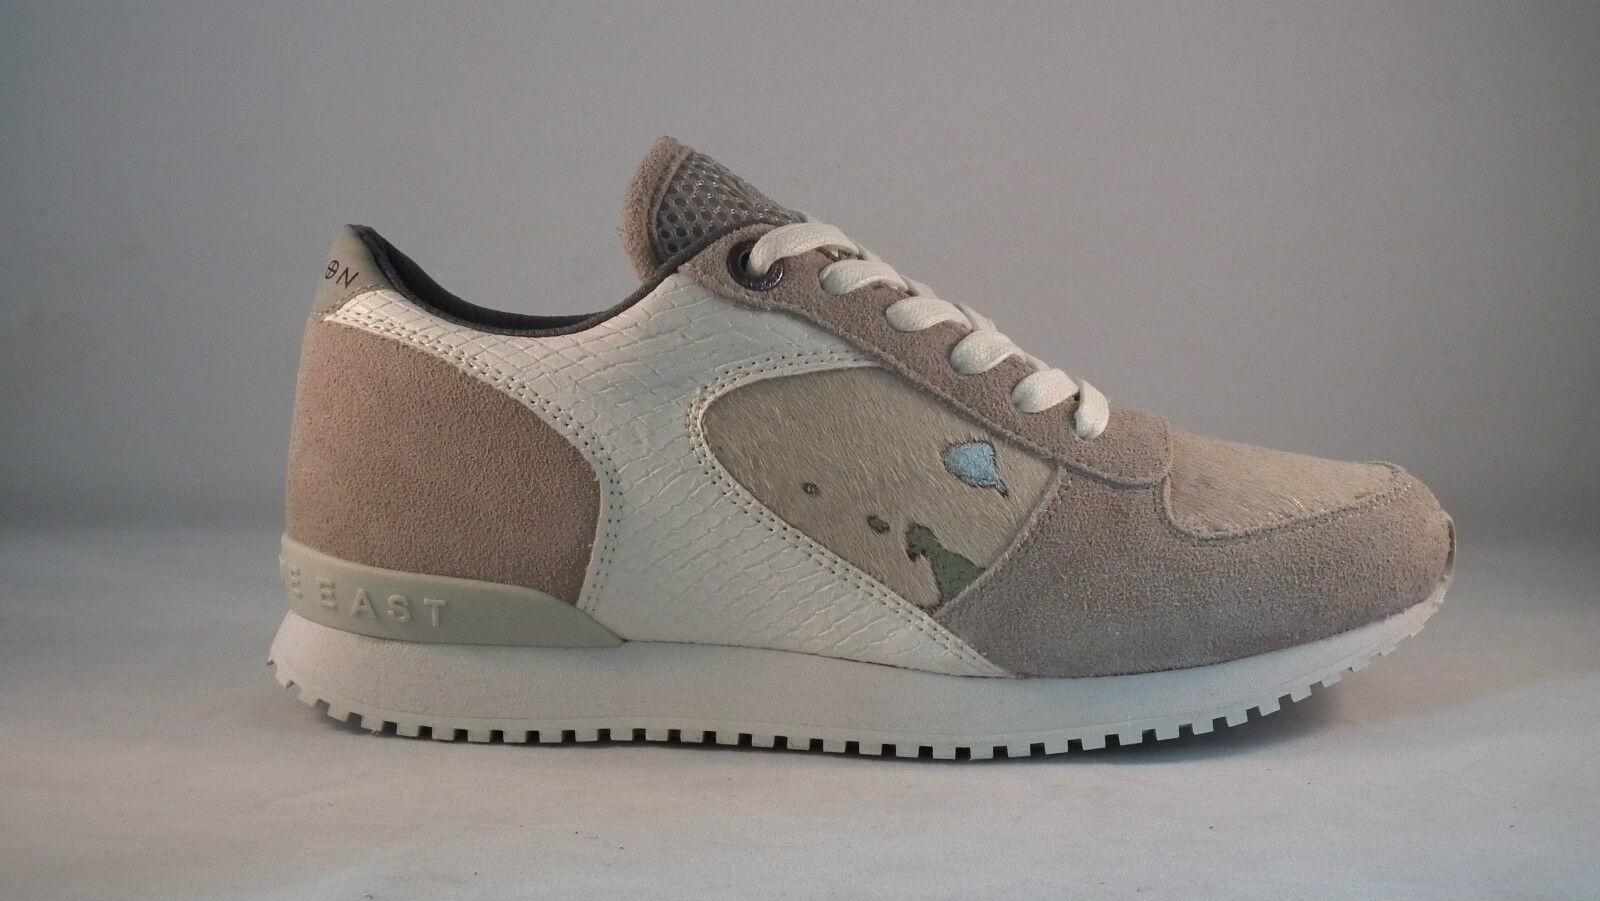 Nuova religione GRAND Sneaker Scarpe Da Ginnastica / Con Finta Pelliccia Naturale / Ginnastica Bianco 2014 93273a